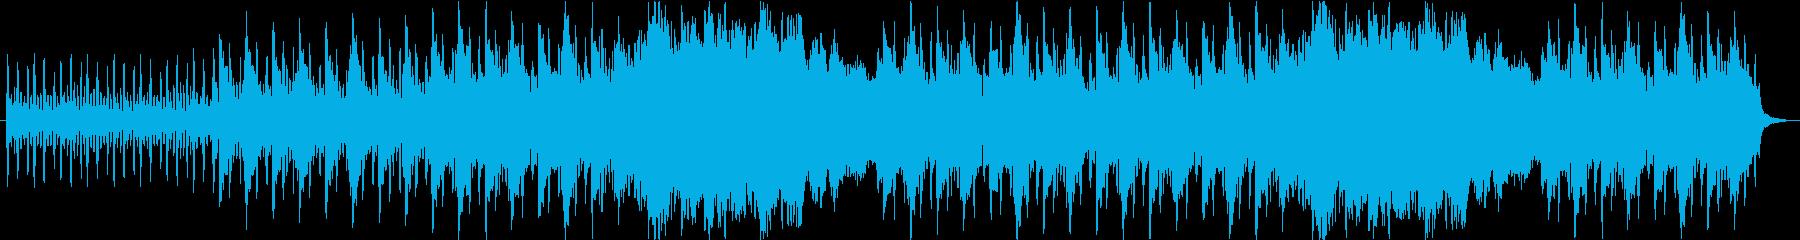 爽やかで朝にピッタリなBGMの再生済みの波形